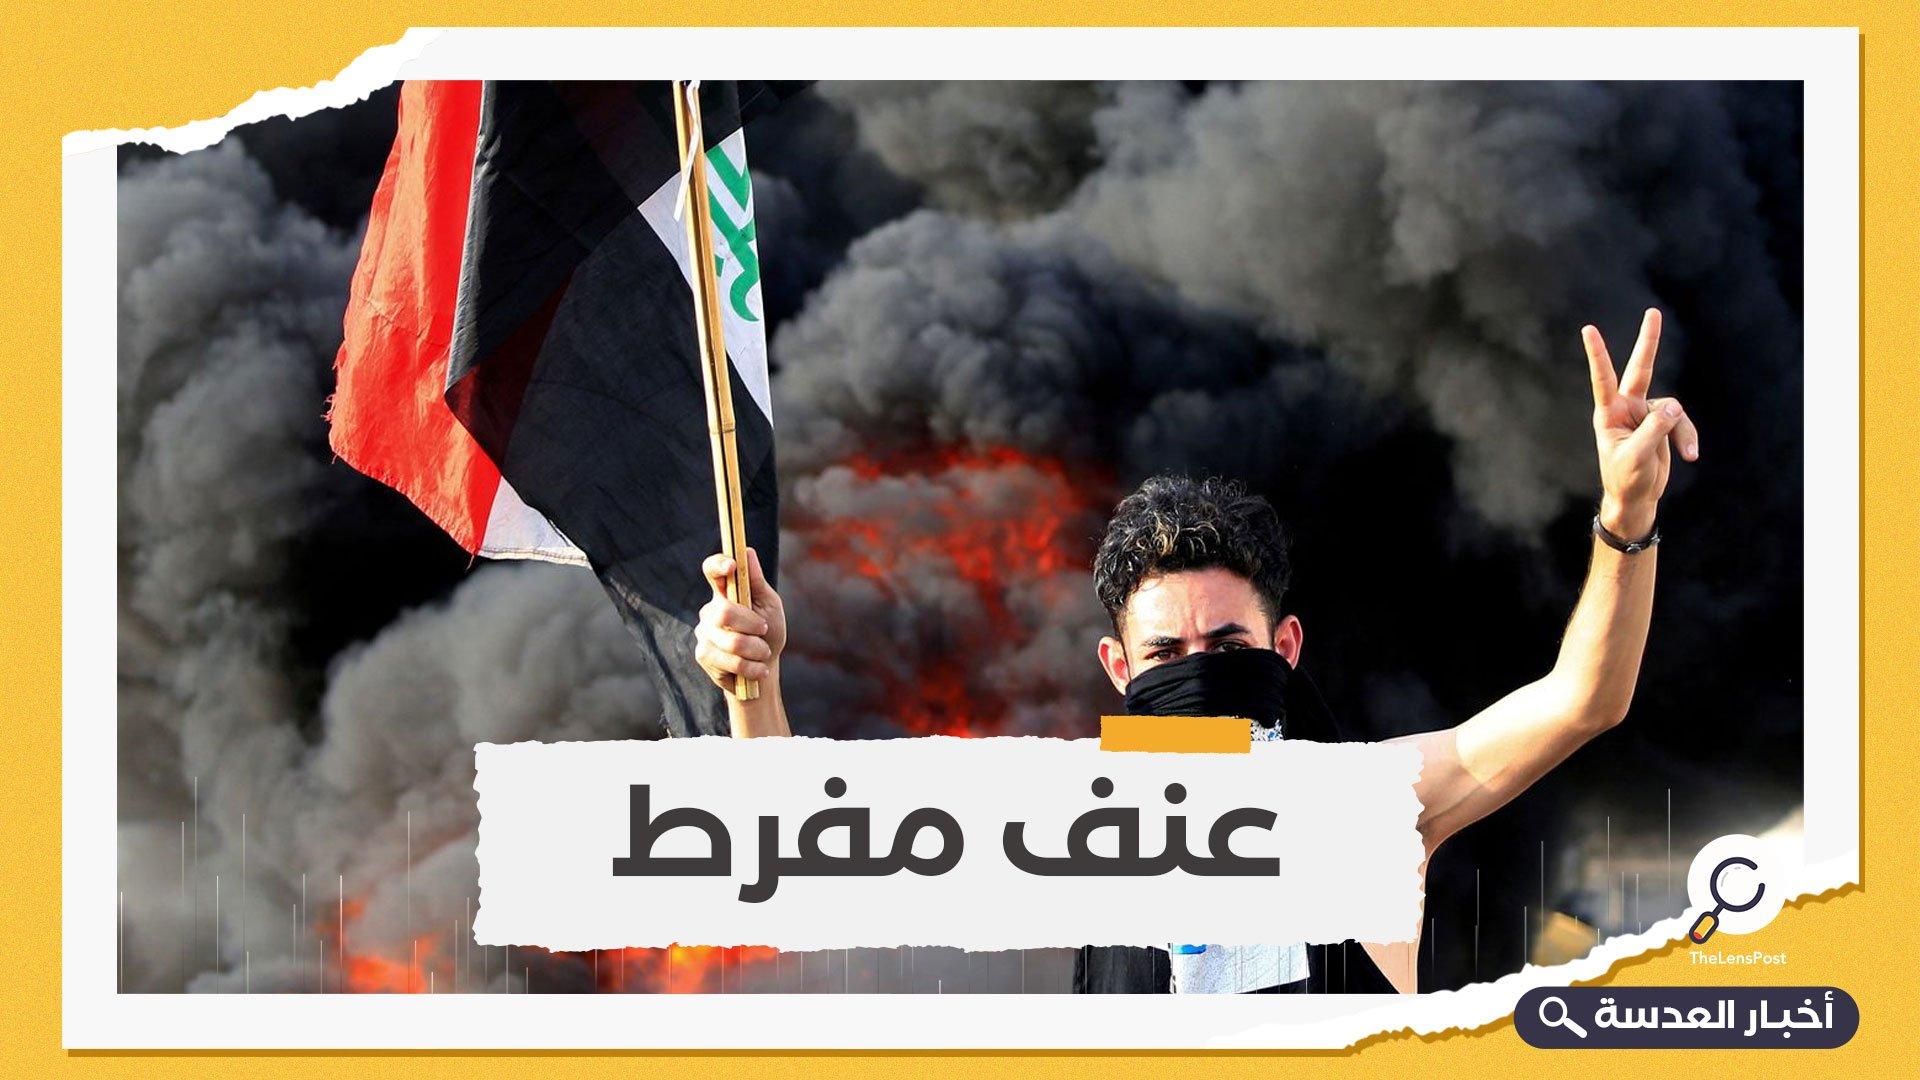 """الحقوقيون ينتقدون """"العنف المفرط"""" لحكومة الكاظمي ضد المعتصمين السلميين"""